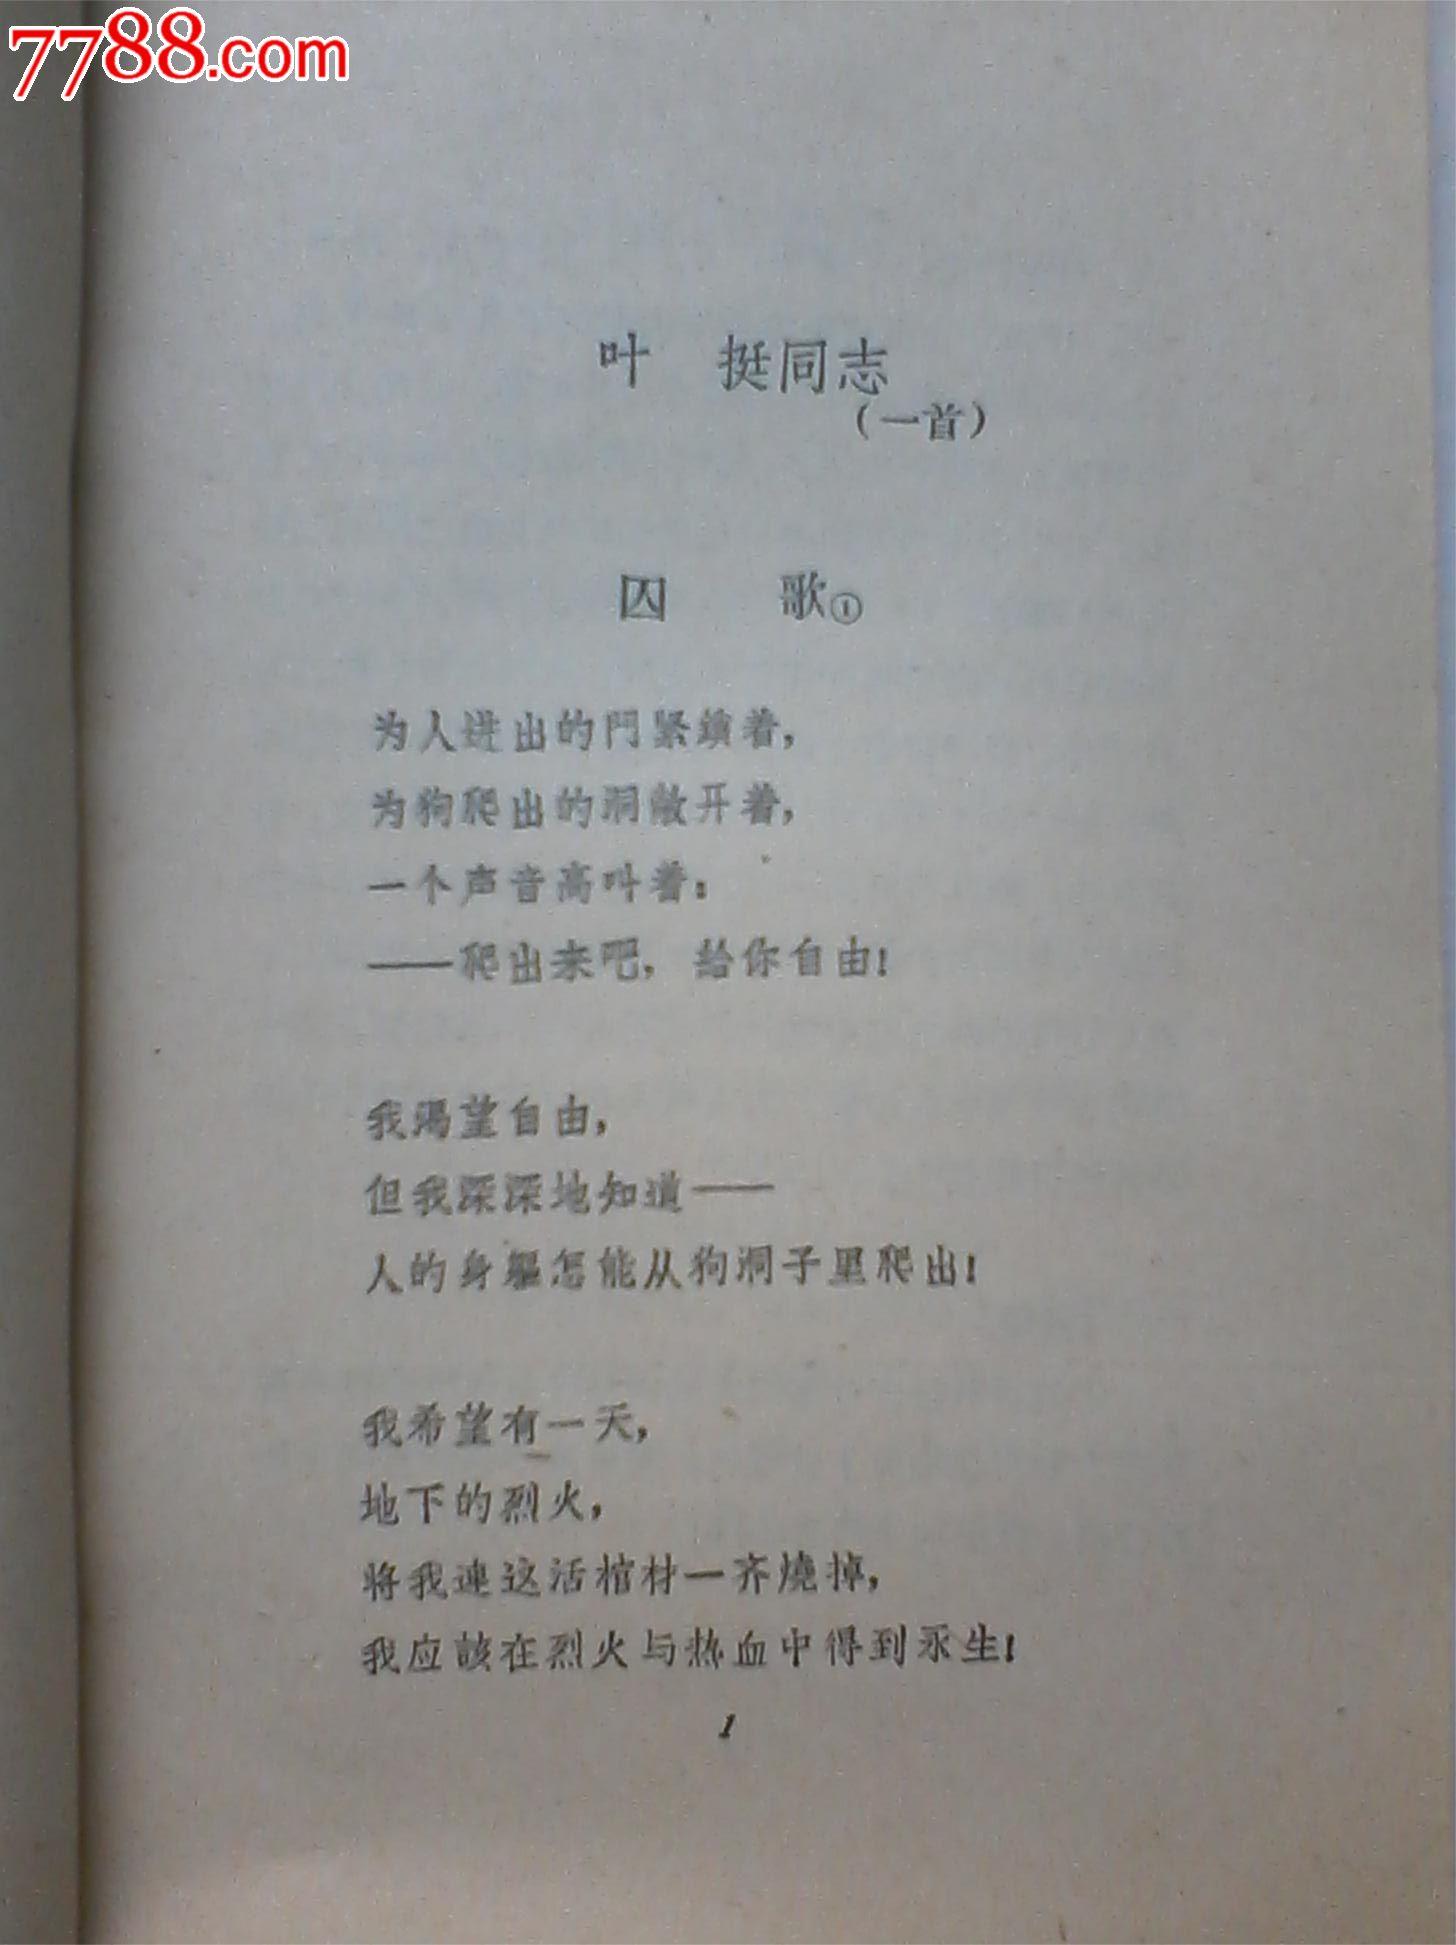 囚歌(1963年)重庆人民出版社-价格:10元-se17